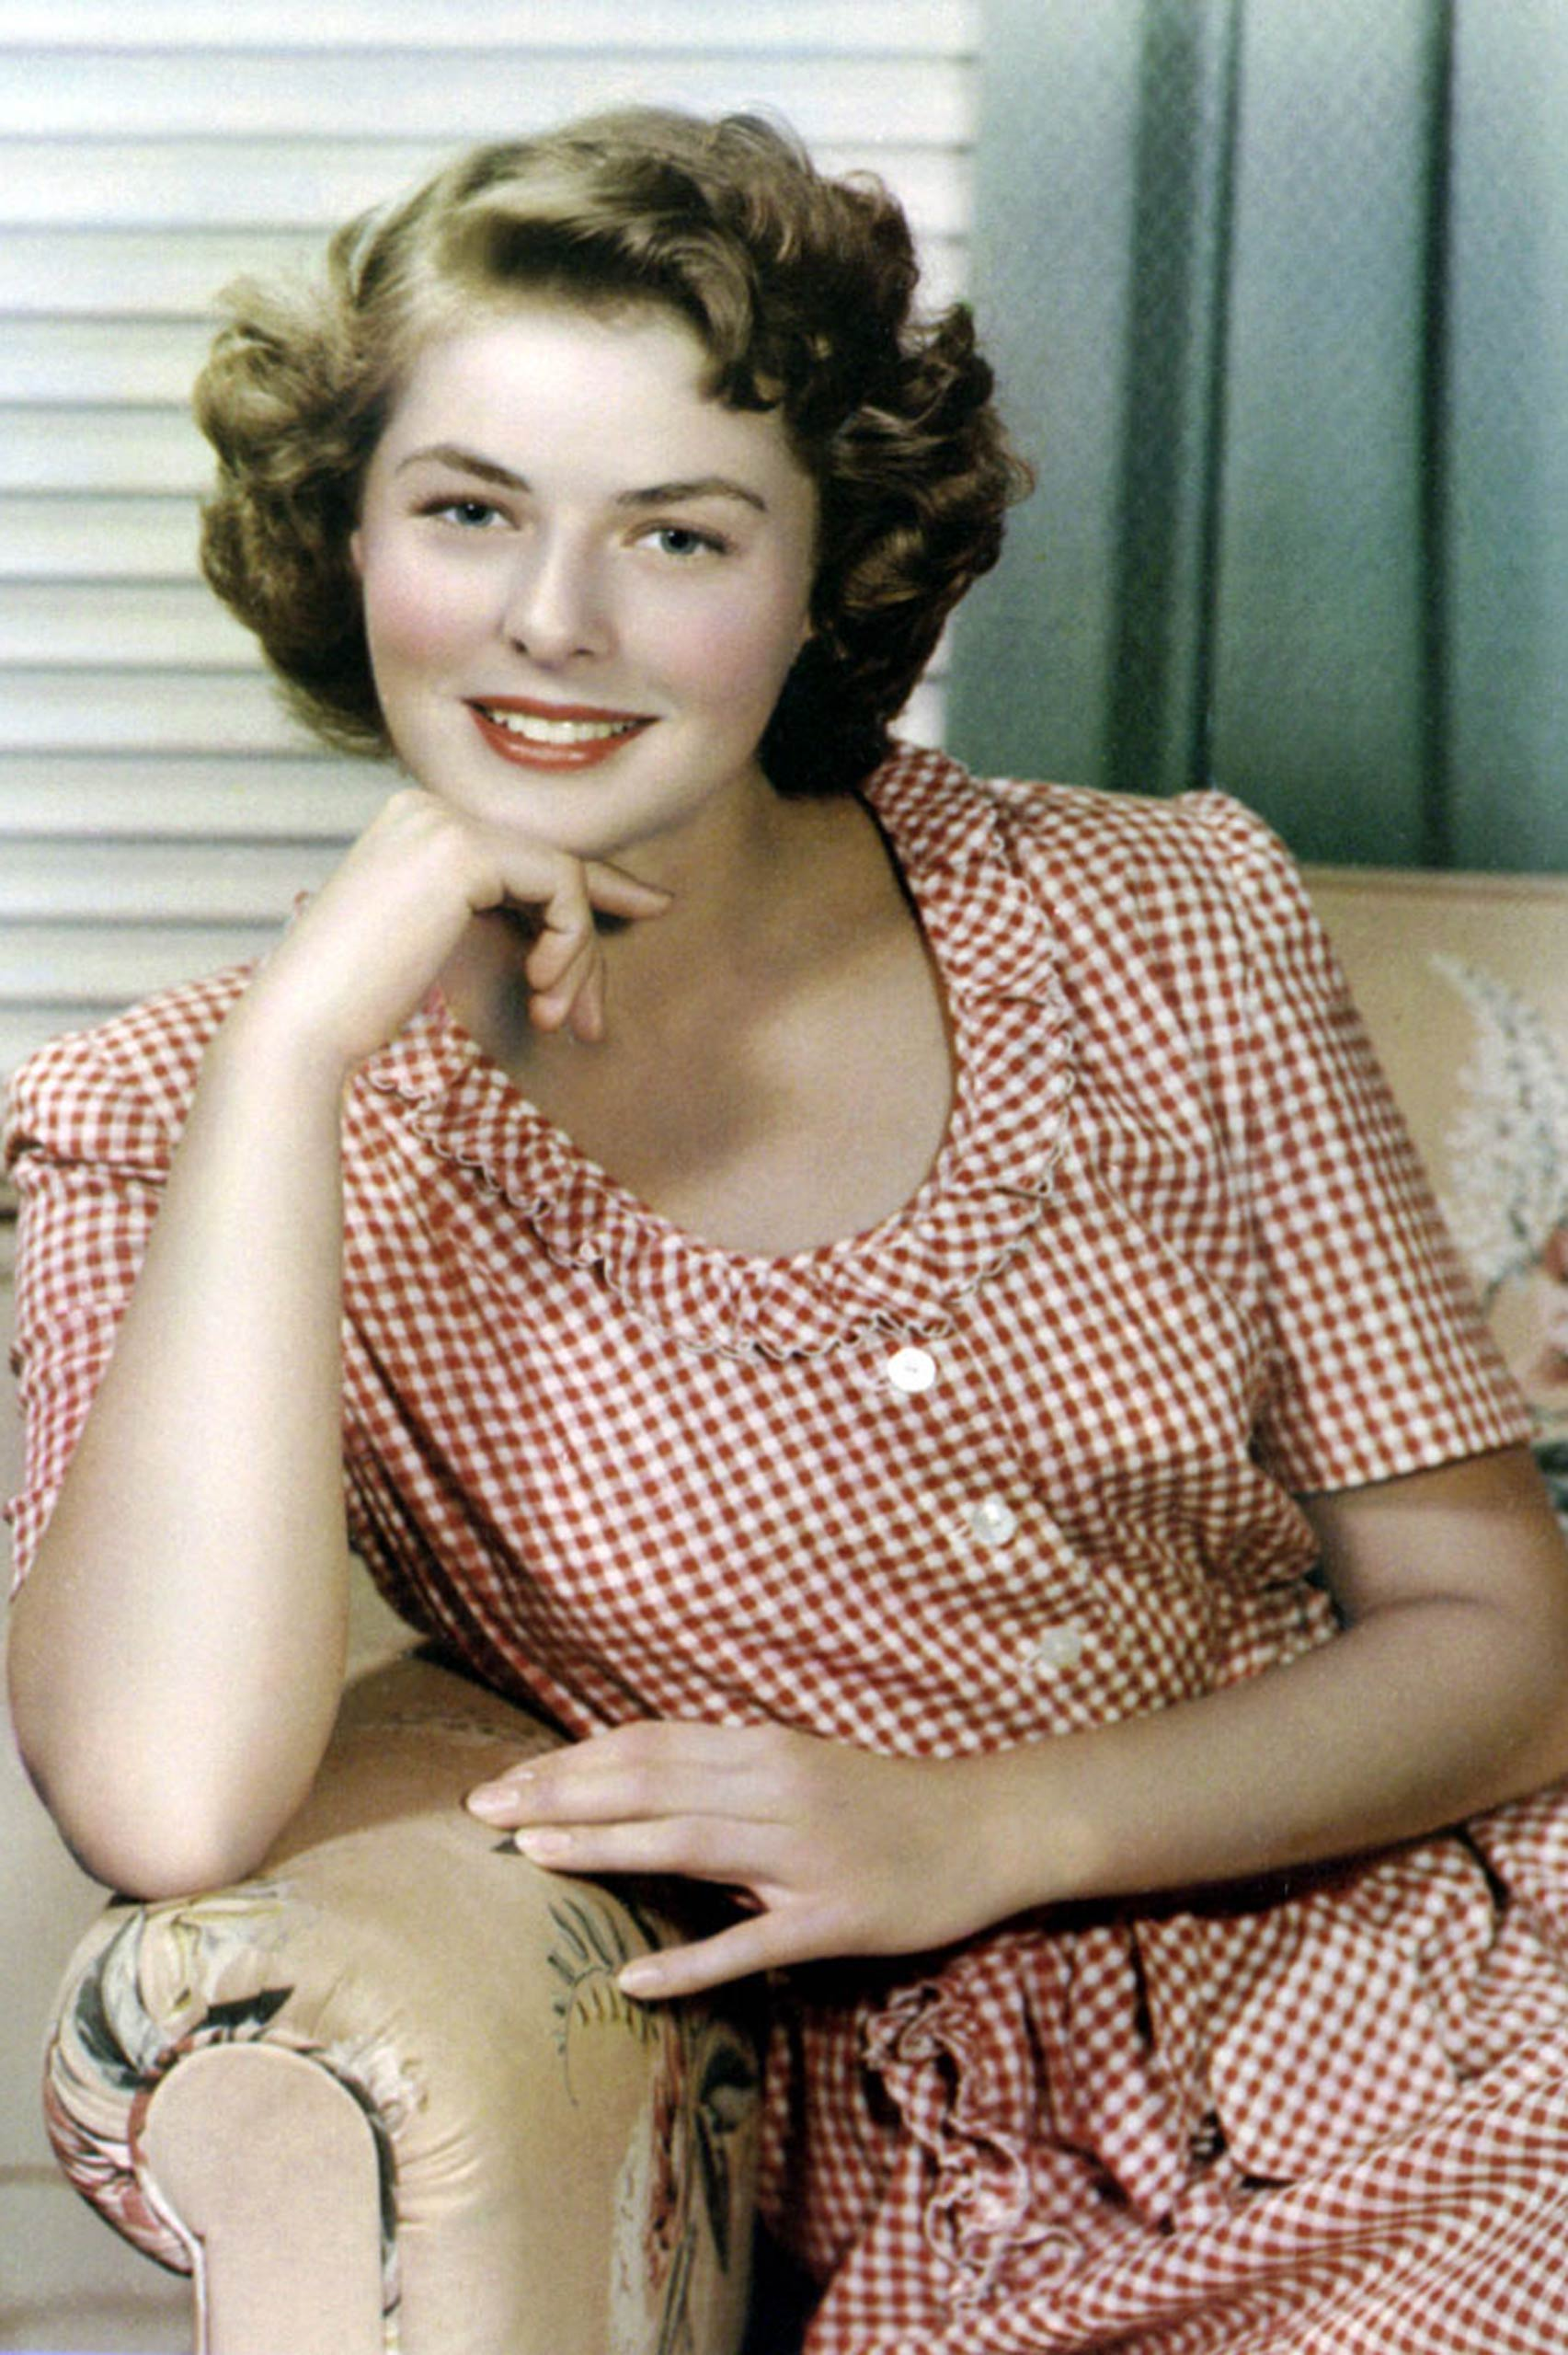 <strong>1945: Ingrid Bergman - <i>Gaslight</i>                                   1957: Ingrid Bergman - <i>Anastasia</i></strong>